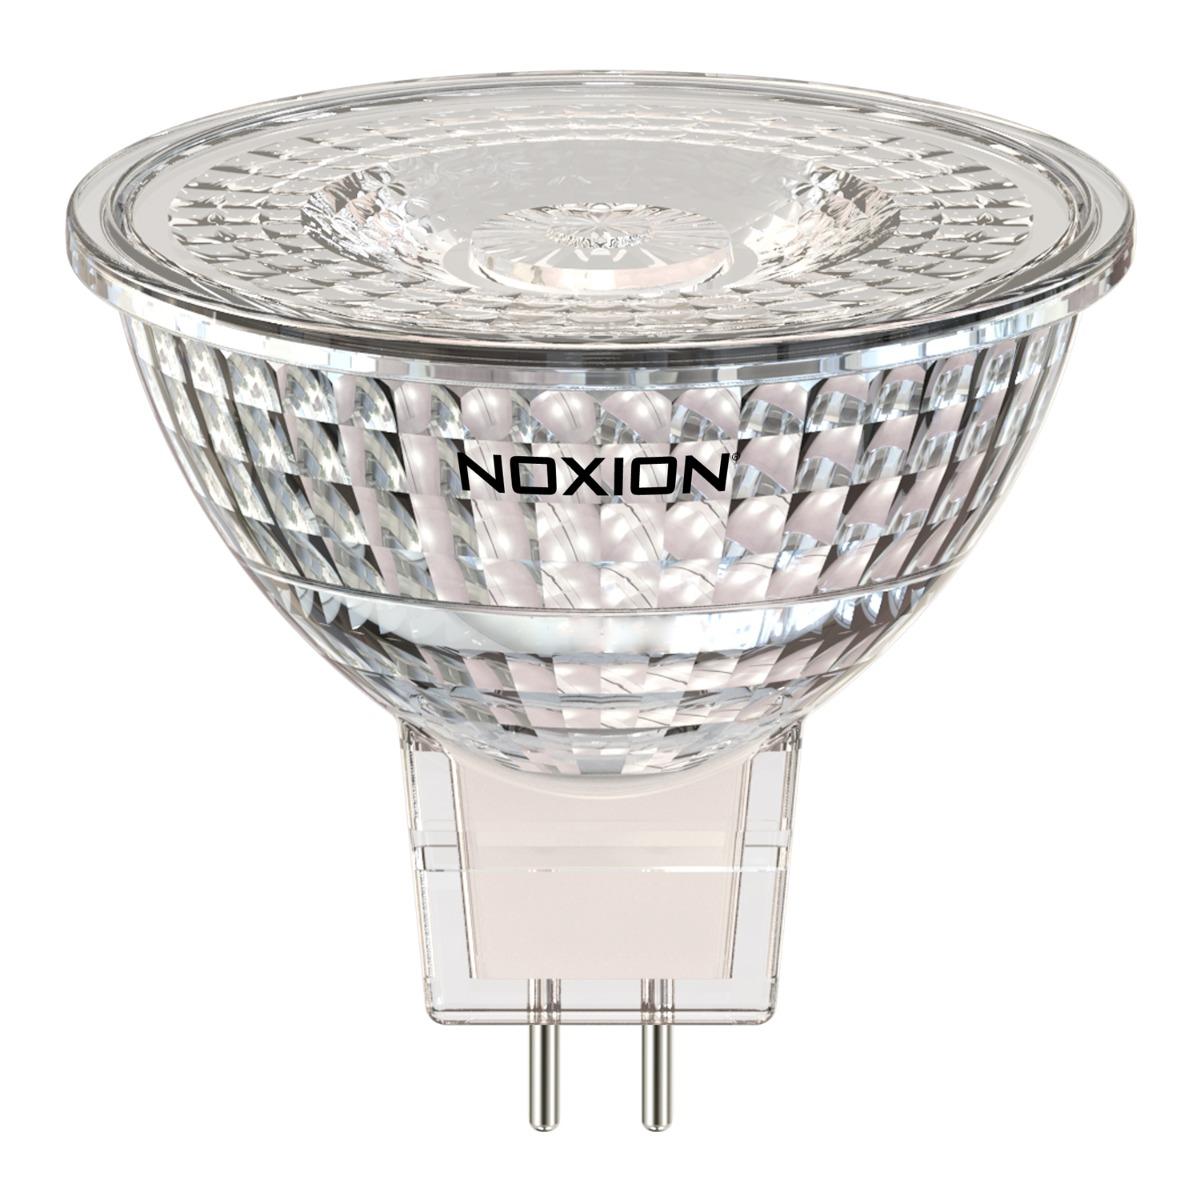 Noxion LED Spot GU5.3 3.2W 827 36D 270lm | Zeer Warm Wit - Vervangt 20W